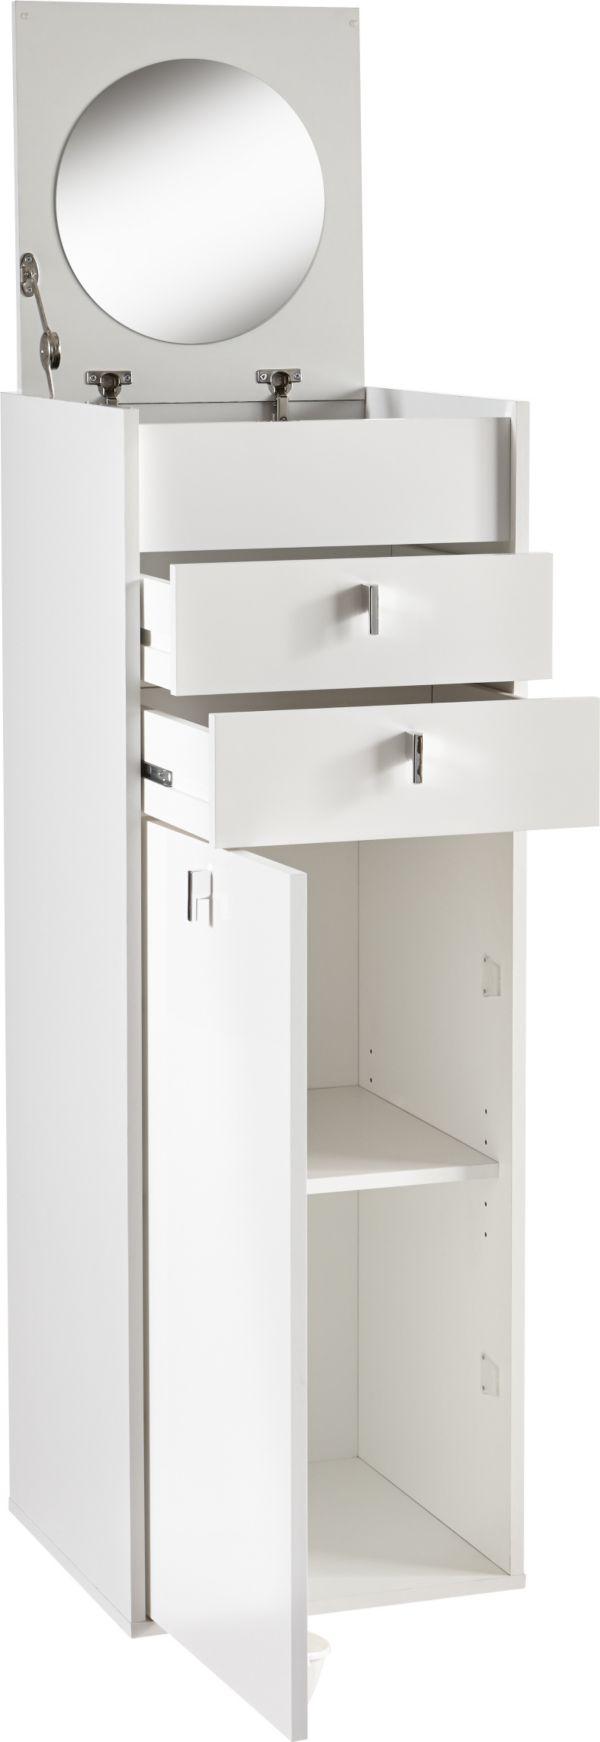 demeyere schminkschrank schminkkommode beauty frisiertisch spiegel wei. Black Bedroom Furniture Sets. Home Design Ideas